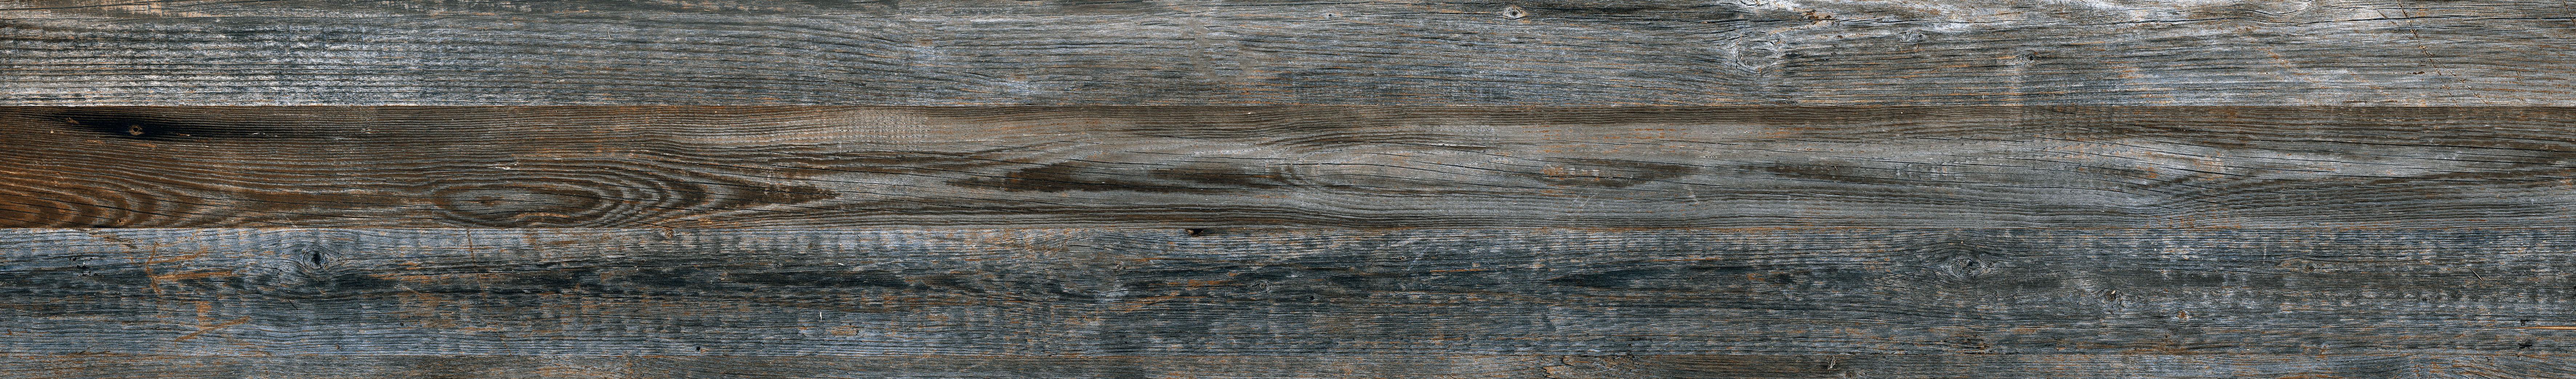 0591244, Artwood, Tummanharmaa, lattia,pakkasenkesto,liukastumisenesto